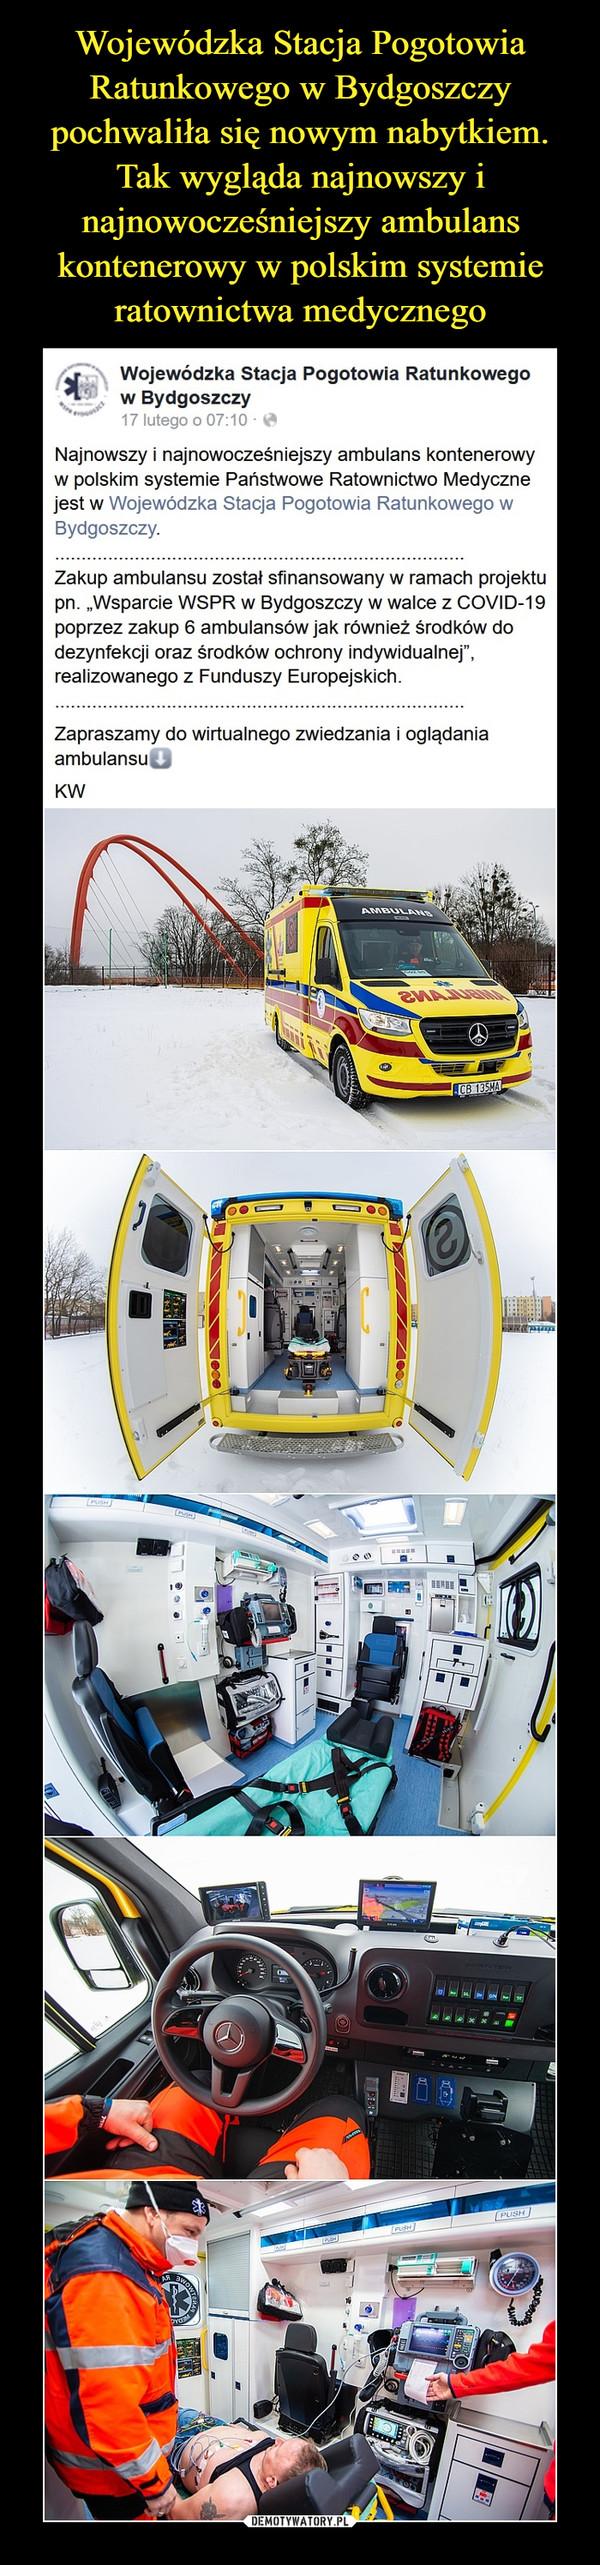 """–  Wojewódzka Stacja Pogotowia Ratunkowego w Bydgoszczy16 lutego o 23:10 ·Najnowszy i najnowocześniejszy ambulans kontenerowy w polskim systemie Państwowe Ratownictwo Medyczne jest w Wojewódzka Stacja Pogotowia Ratunkowego w Bydgoszczy..............................................................................Zakup ambulansu został sfinansowany w ramach projektu pn. """"Wsparcie WSPR w Bydgoszczy w walce z COVID-19 poprzez zakup 6 ambulansów jak również środków do dezynfekcji oraz środków ochrony indywidualnej"""", realizowanego z Funduszy Europejskich..............................................................................Zapraszamy do wirtualnego zwiedzania i oglądania ambulansu⬇️KW"""